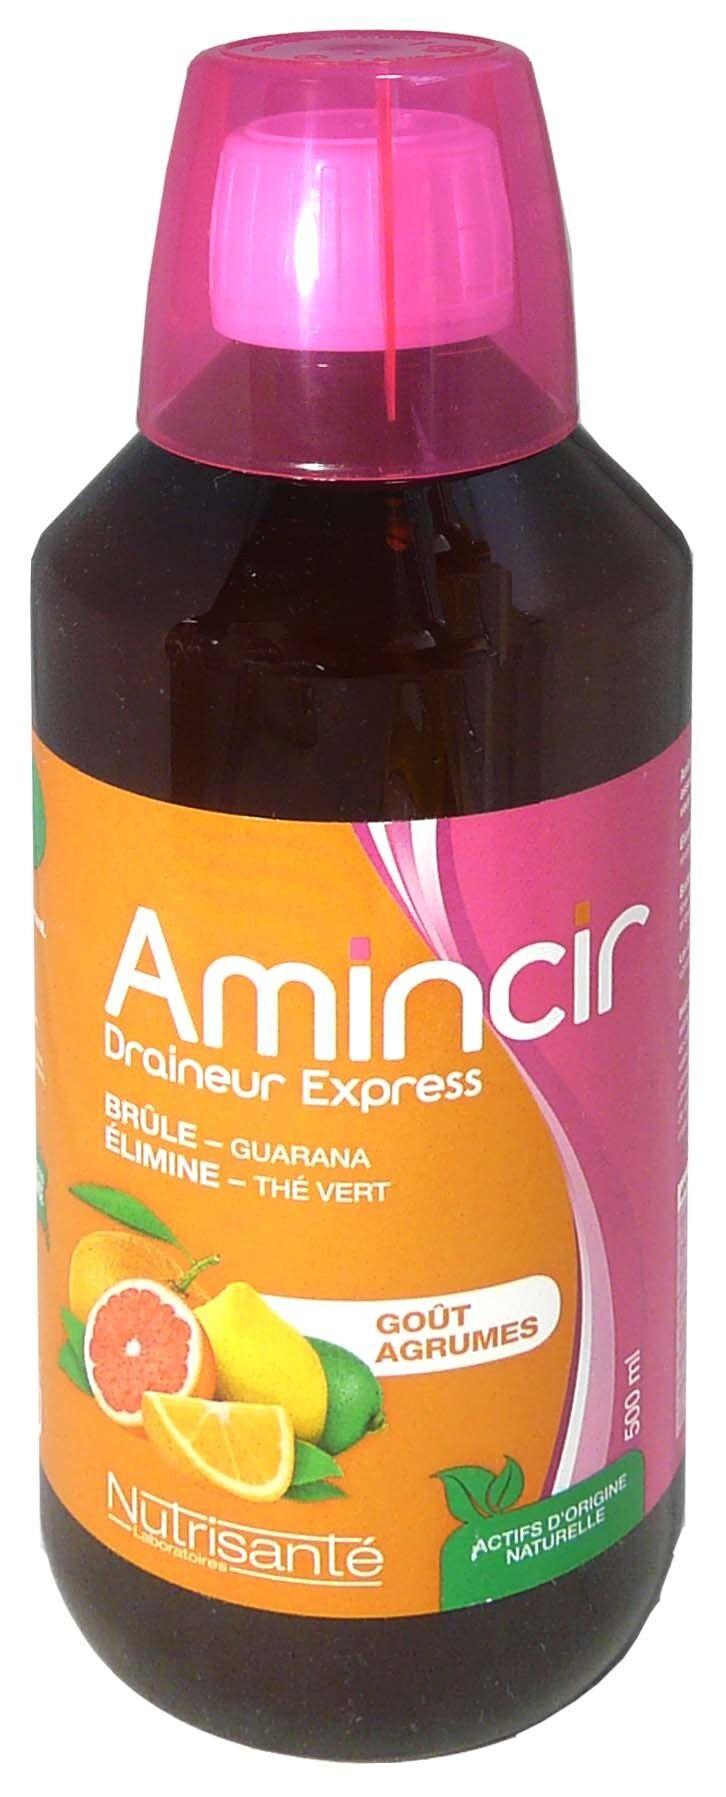 Nutrisante amincir draineur express gout agrumes 500ml